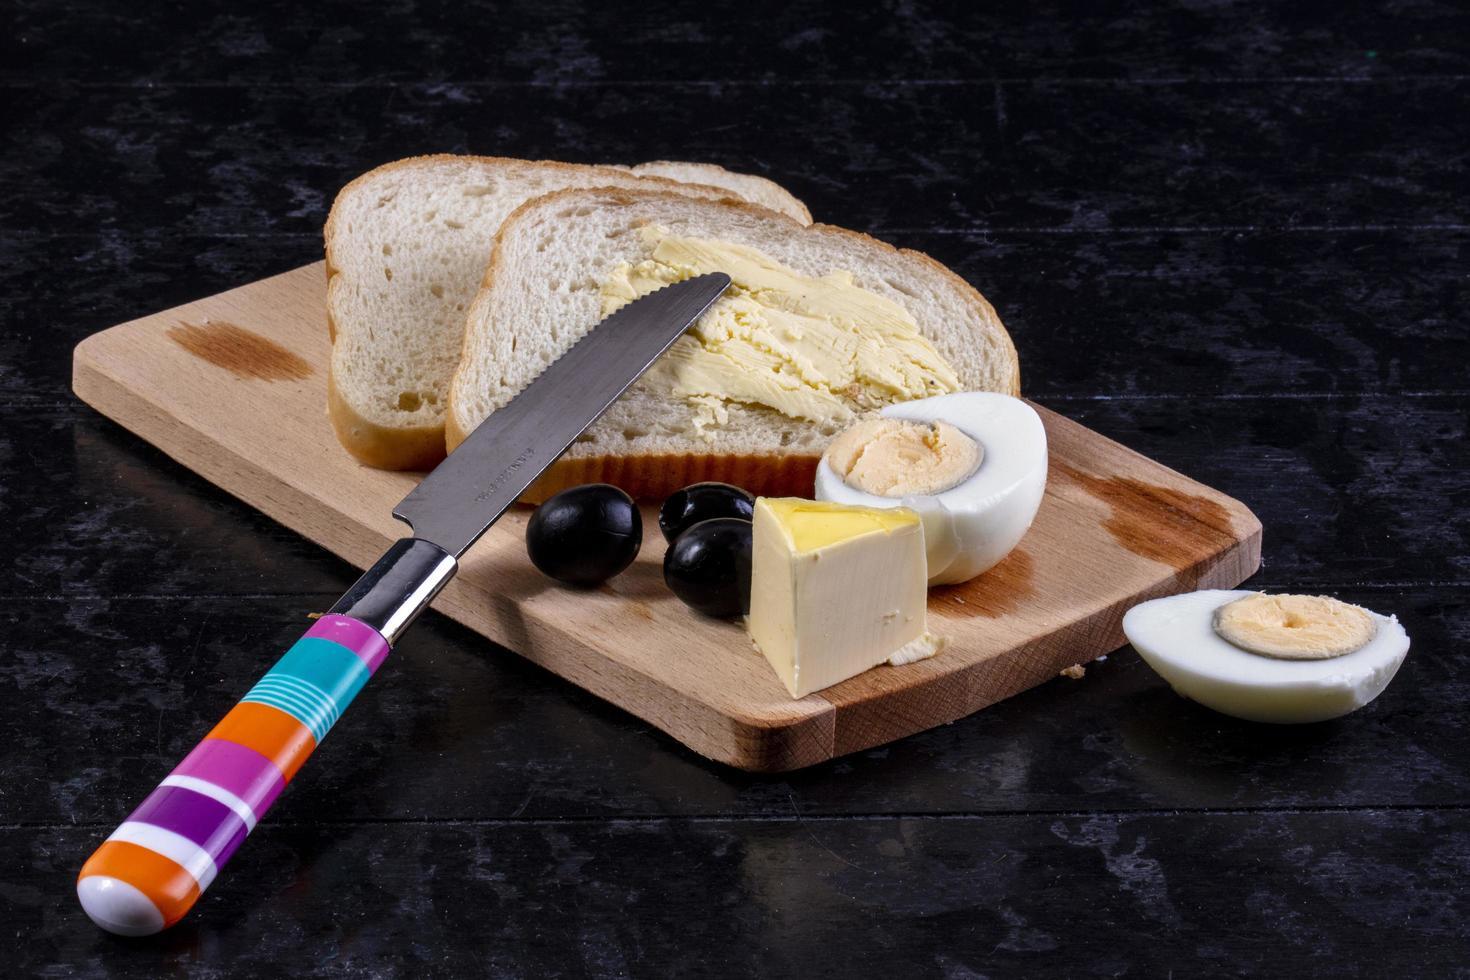 vue de face d'une planche à pain et fromage photo